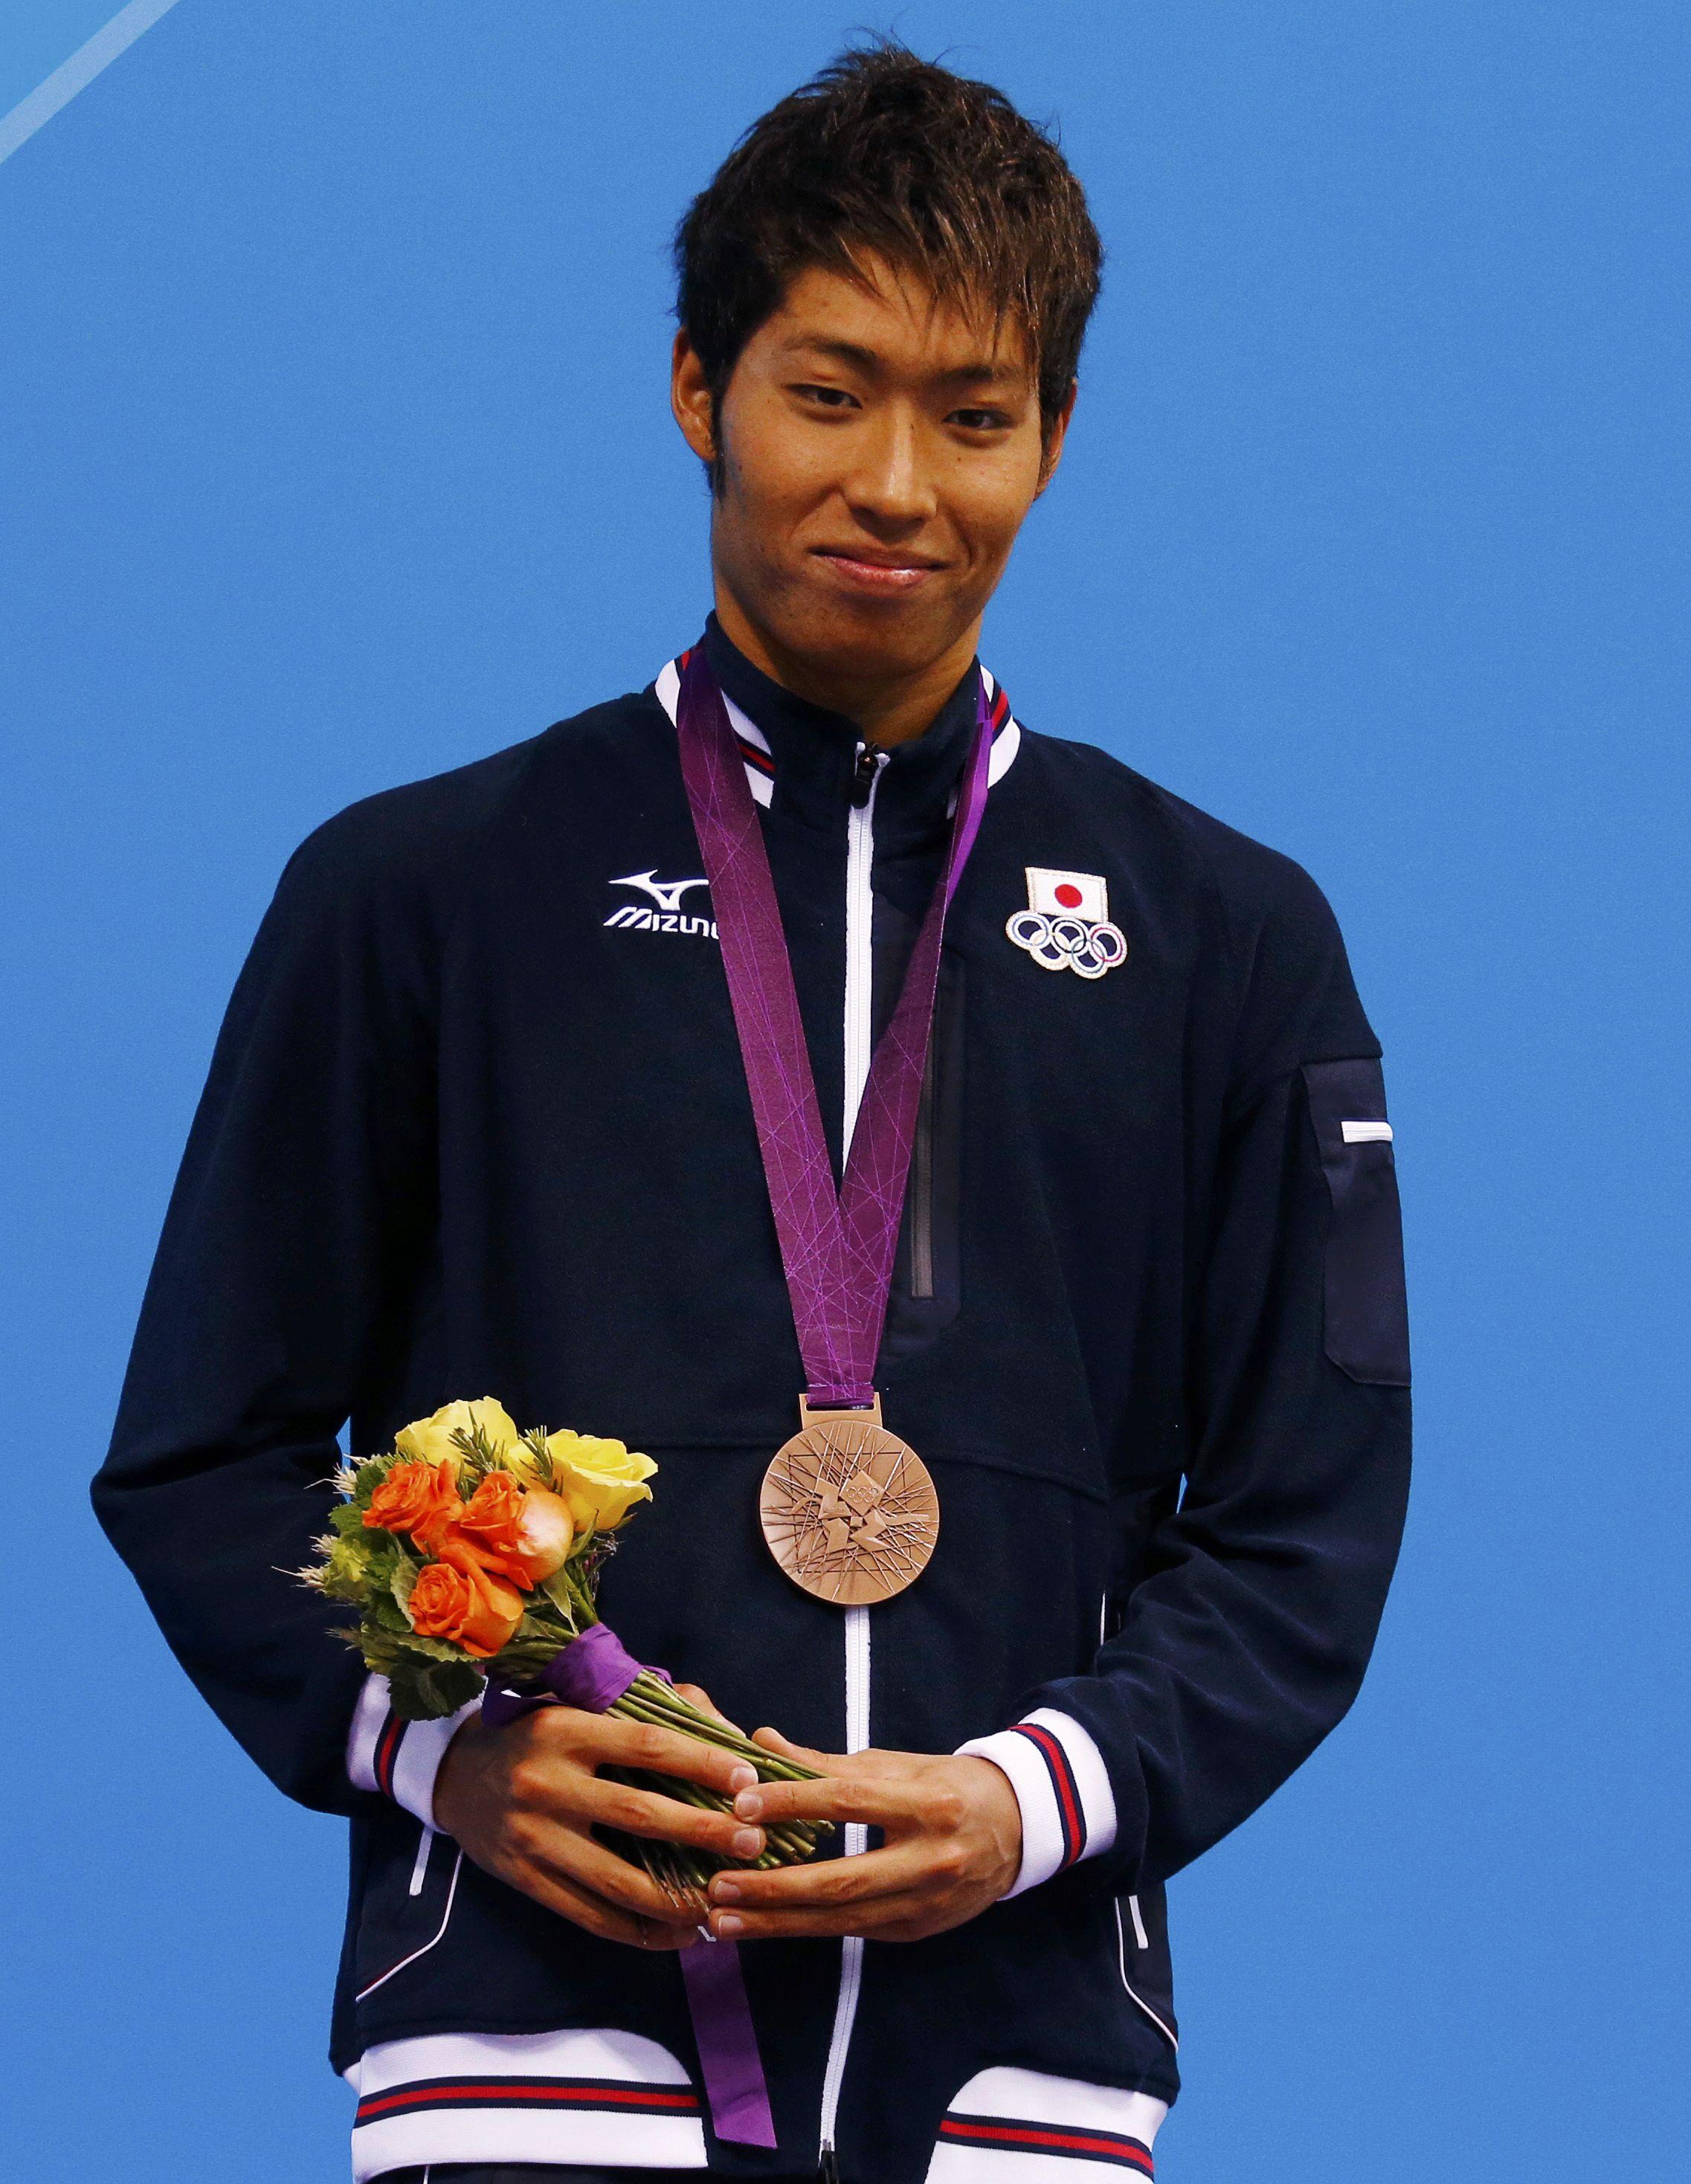 Dossiê Barcelona 2013: 400m medley - Esporte - UOL Esporte